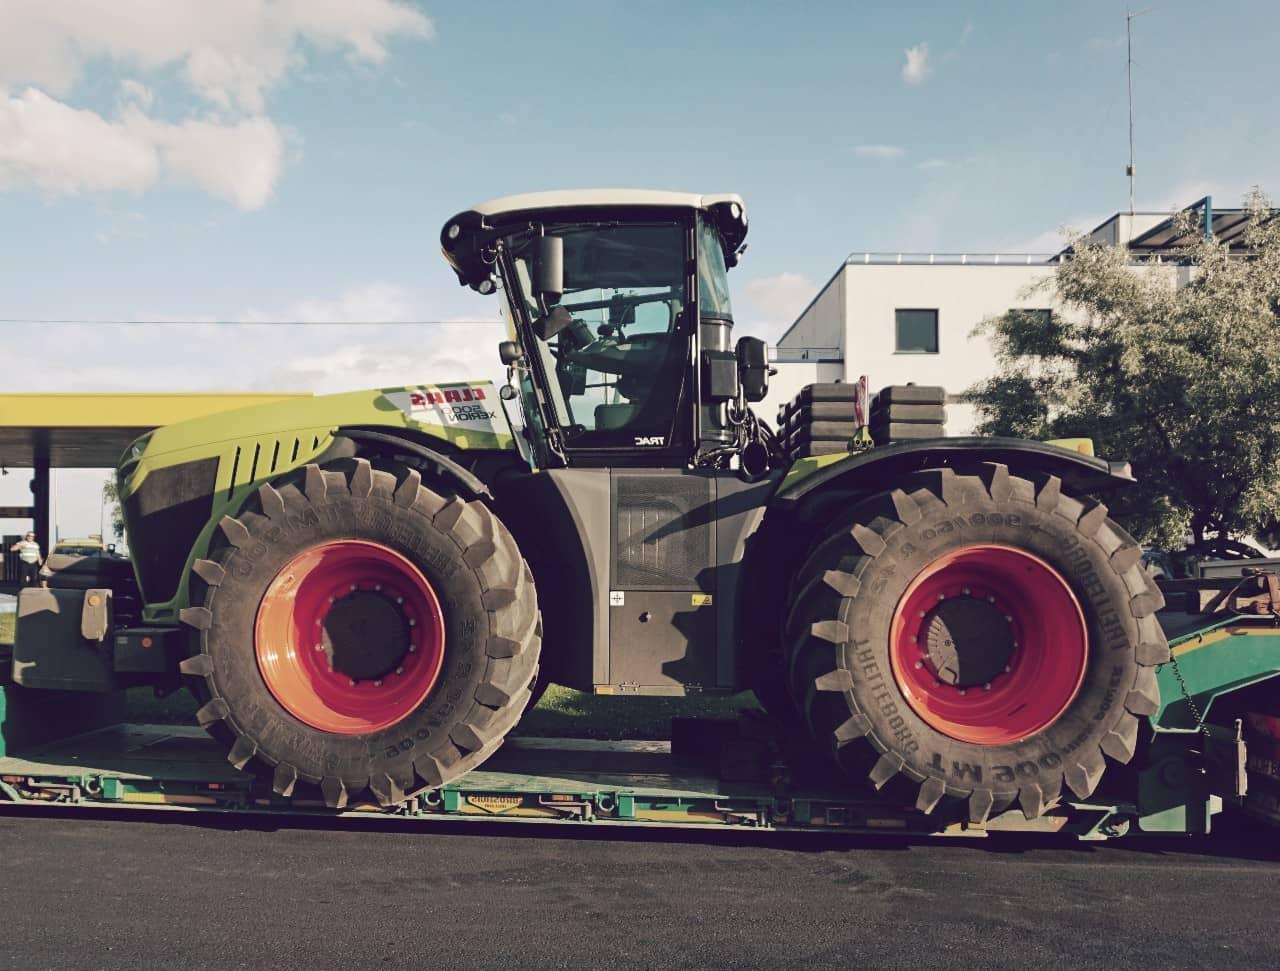 Claas Xerion 5000, uno de los tractores más grandes del mundo